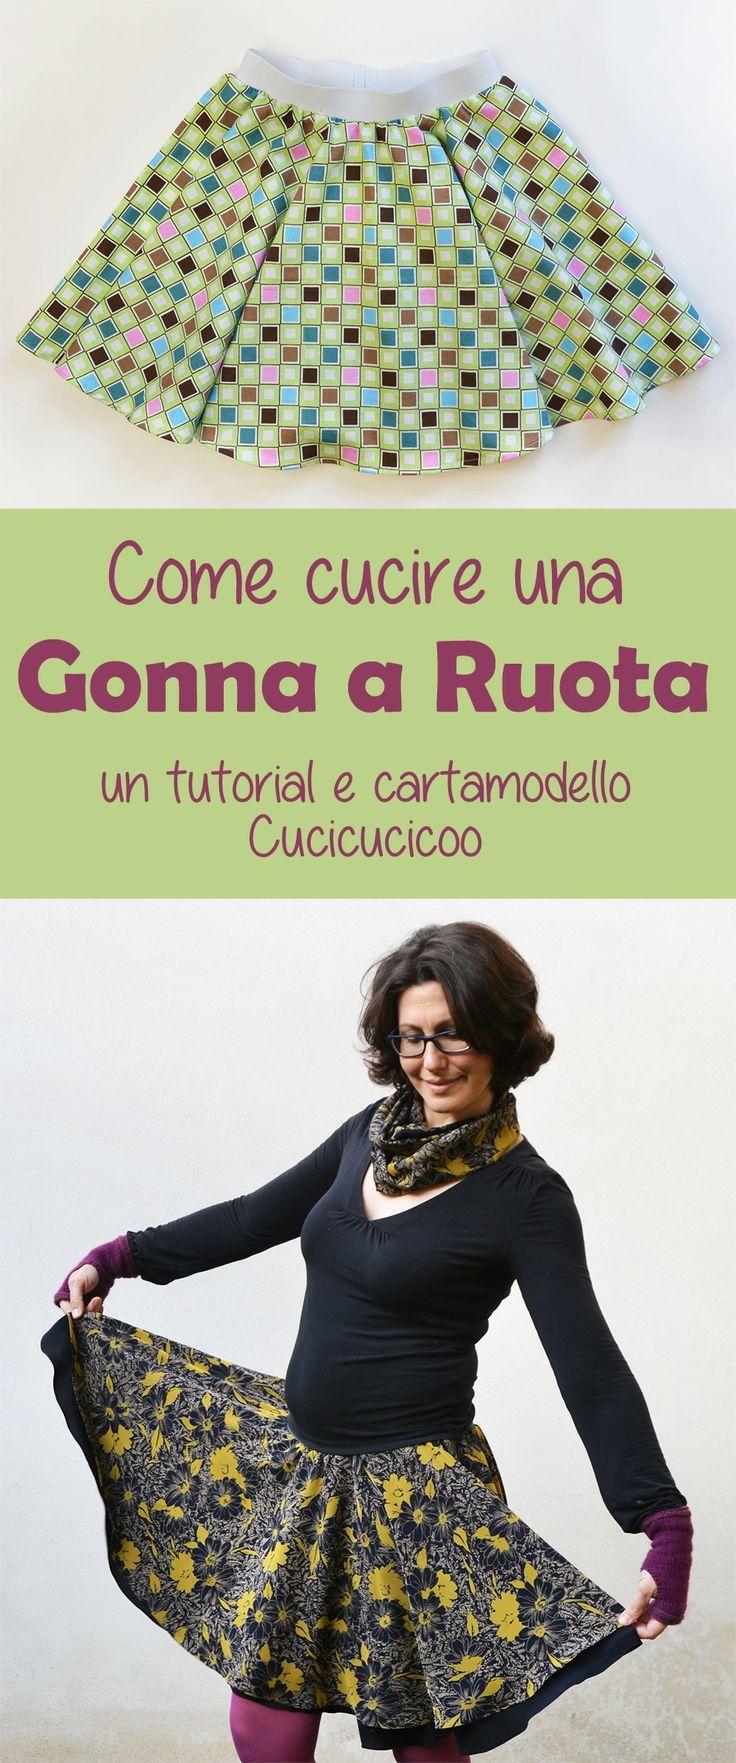 Cartamodello gratuito! Come cucire una gonna a ruota secondo le tue dimensioni, ad uno o due strati, con opzioni di orlo e un accessorio carino abbinato da fare dai ritagli! www.cucicucicoo.com